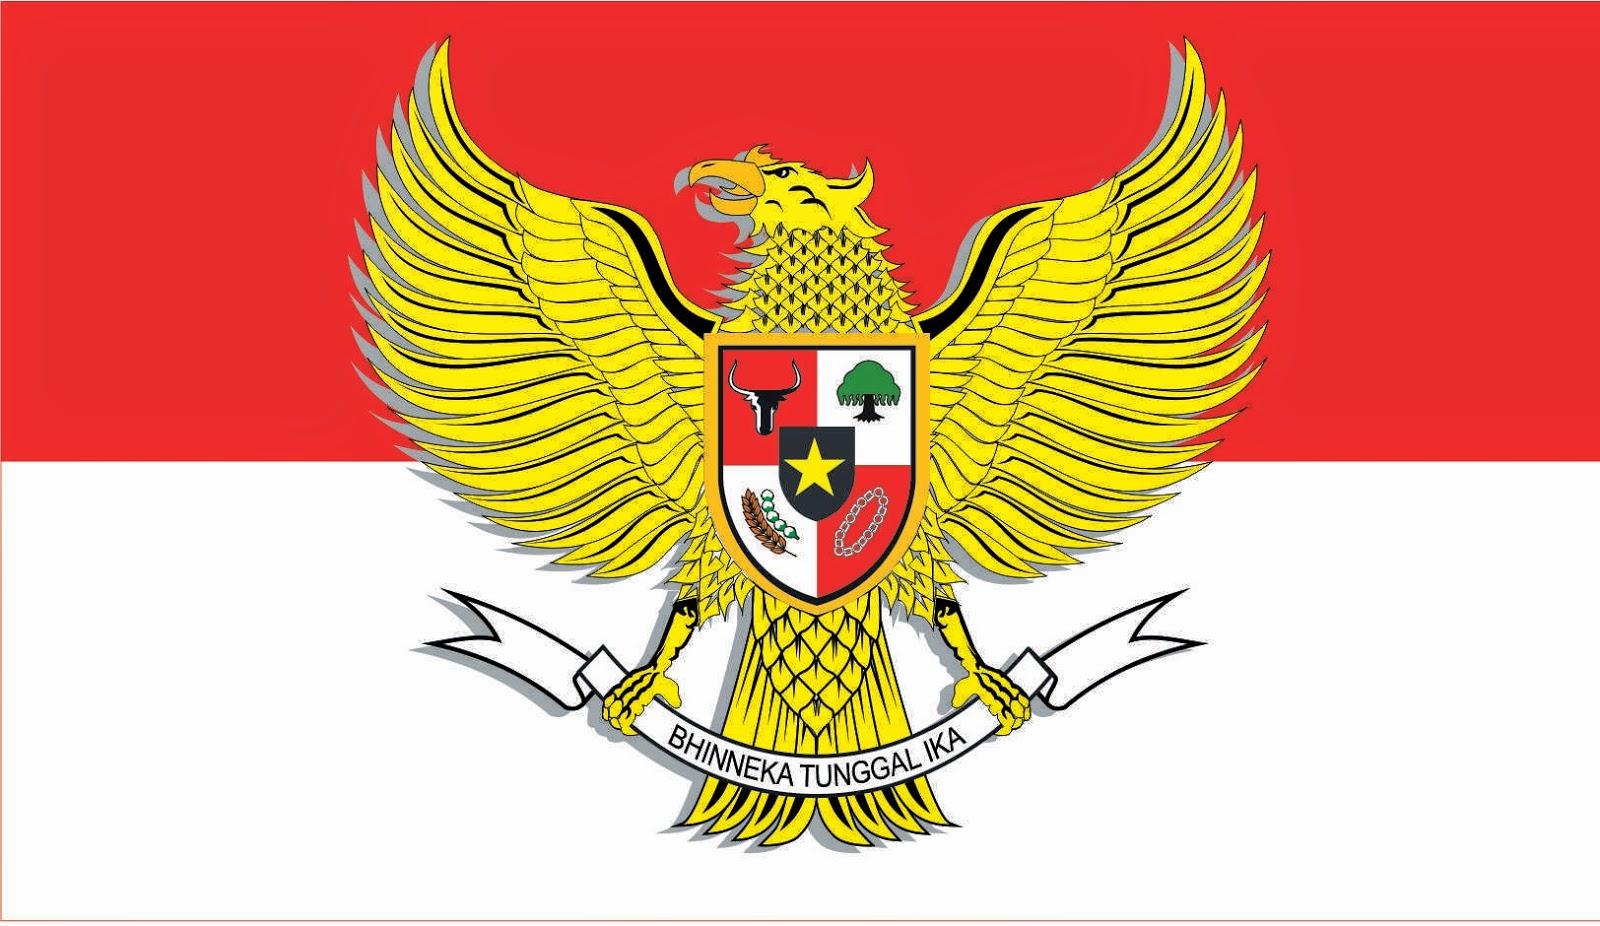 Kapankah Kenaikan Gaji PNS TNI dan POLRI Tahun 2014 ?